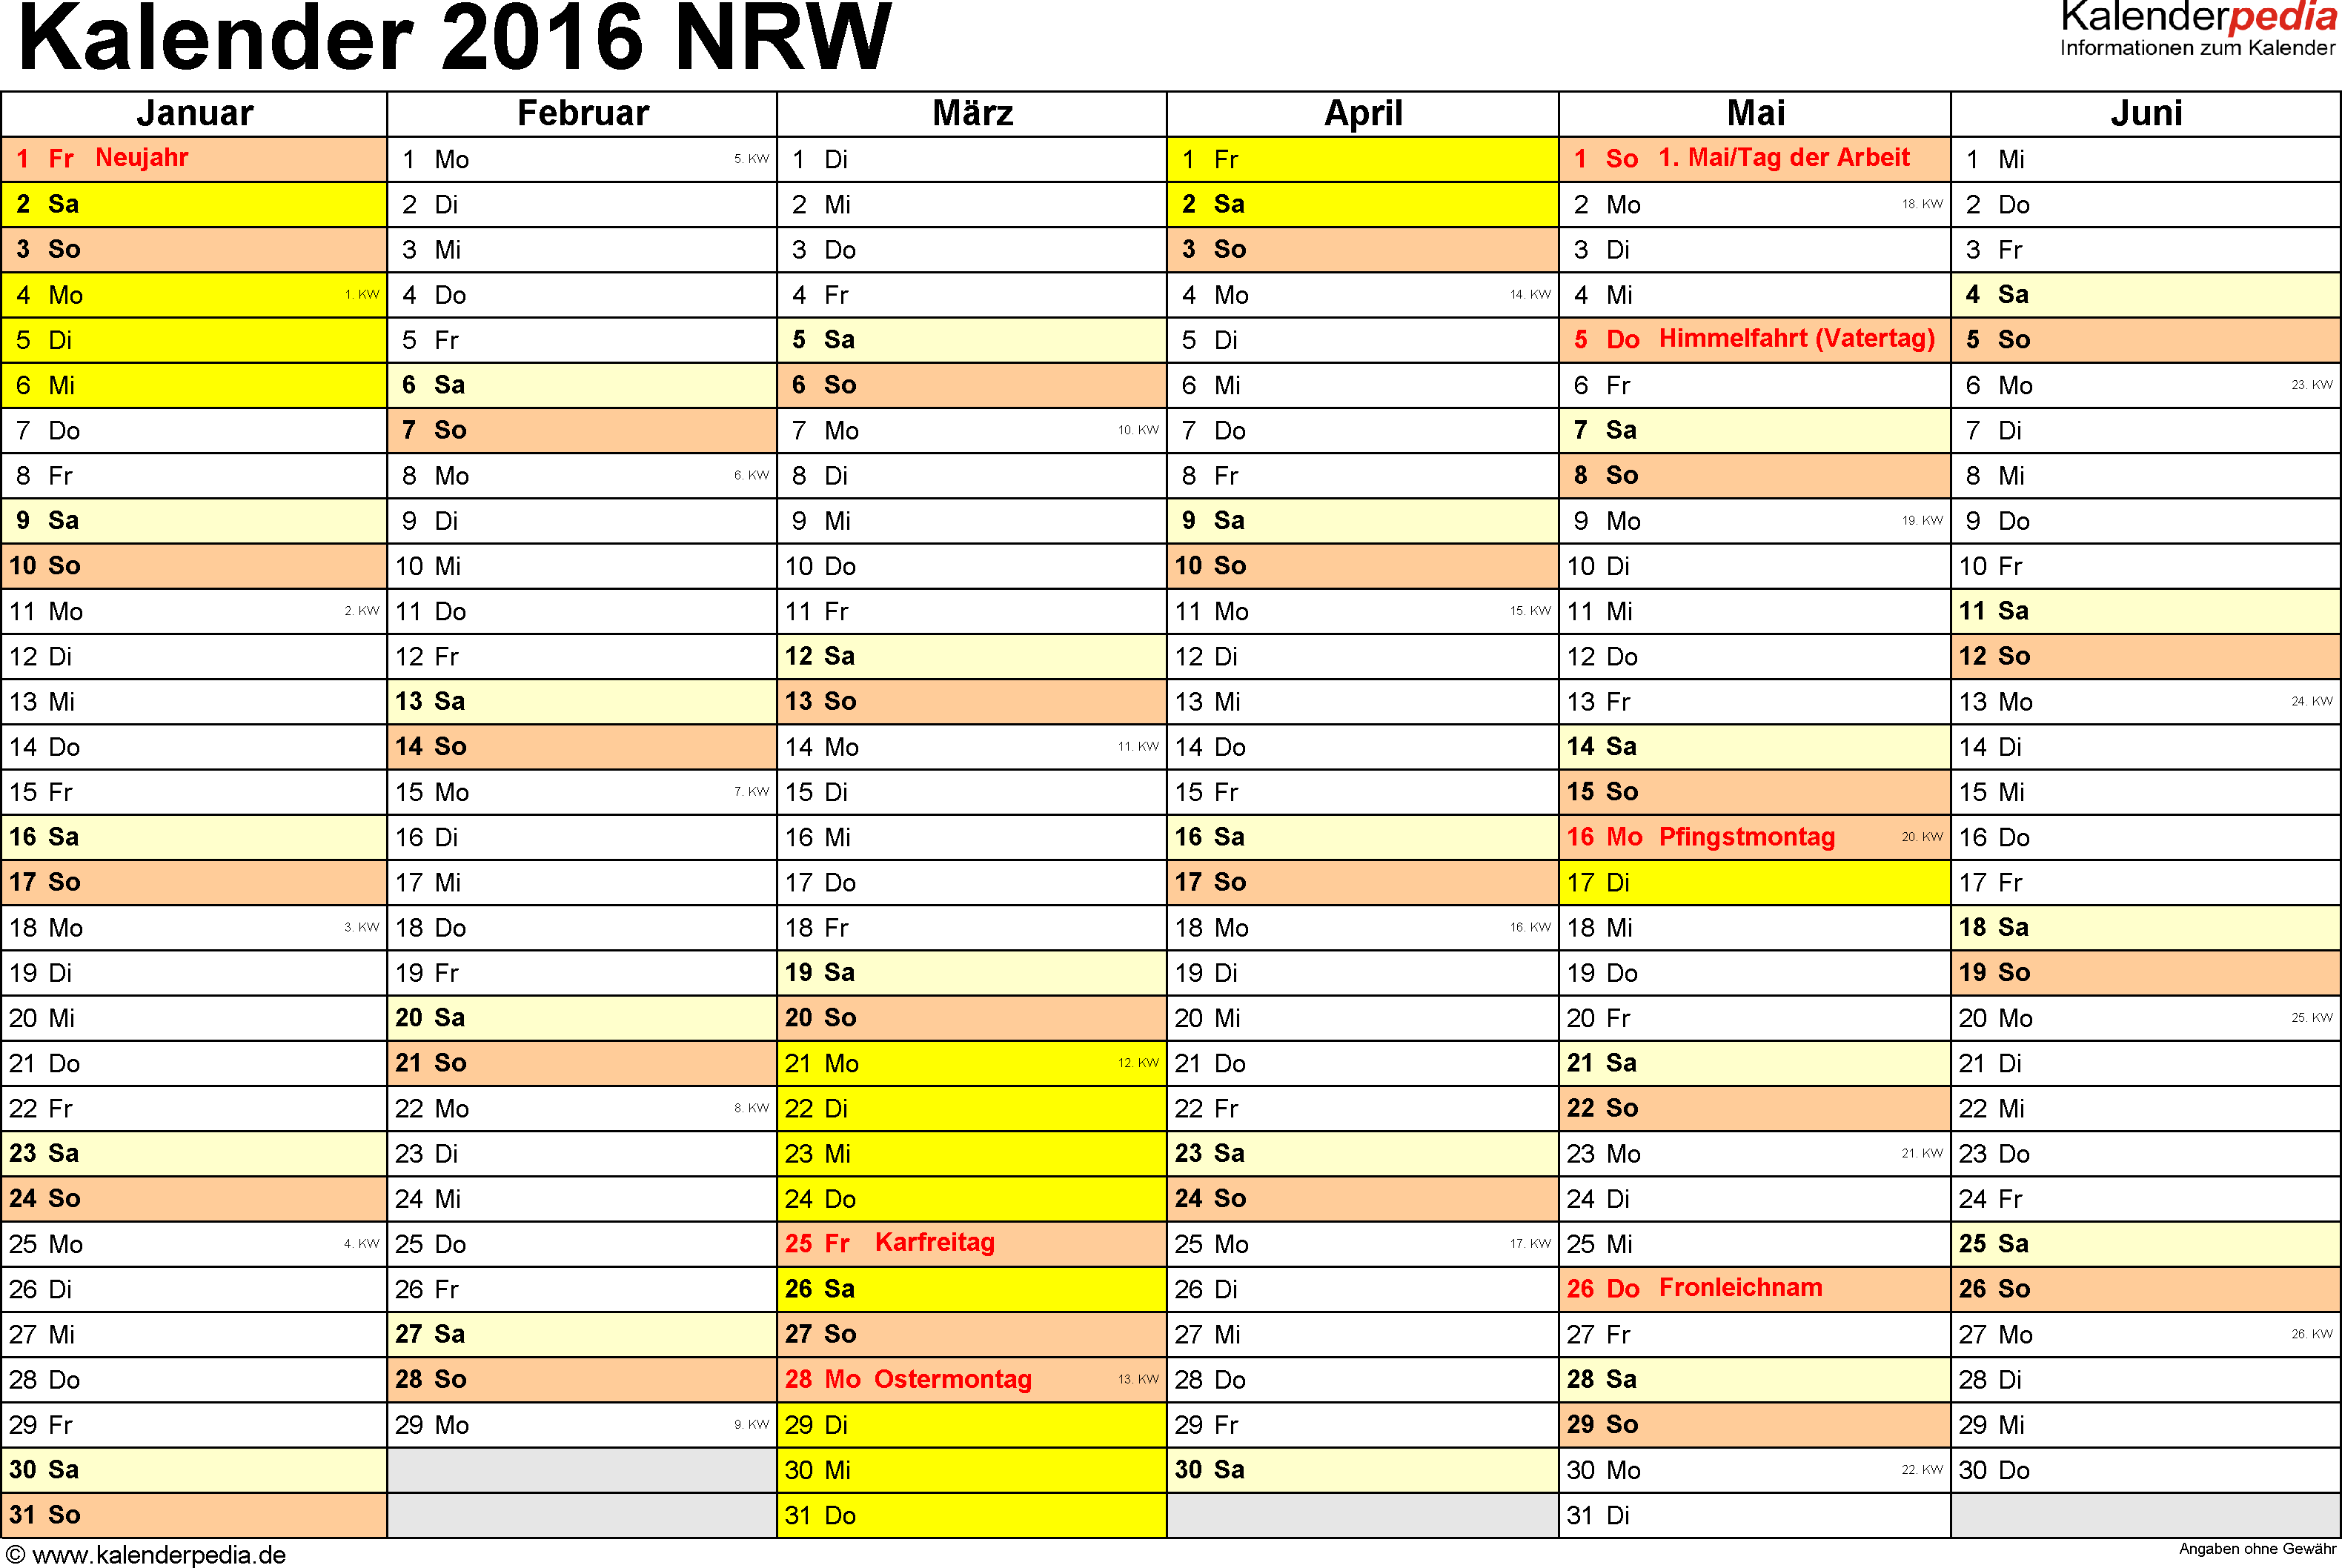 Vorlage 2: Kalender 2016 für Nordrhein-Westfalen (NRW) als PDF-Vorlage (Querformat, 2 Seiten)